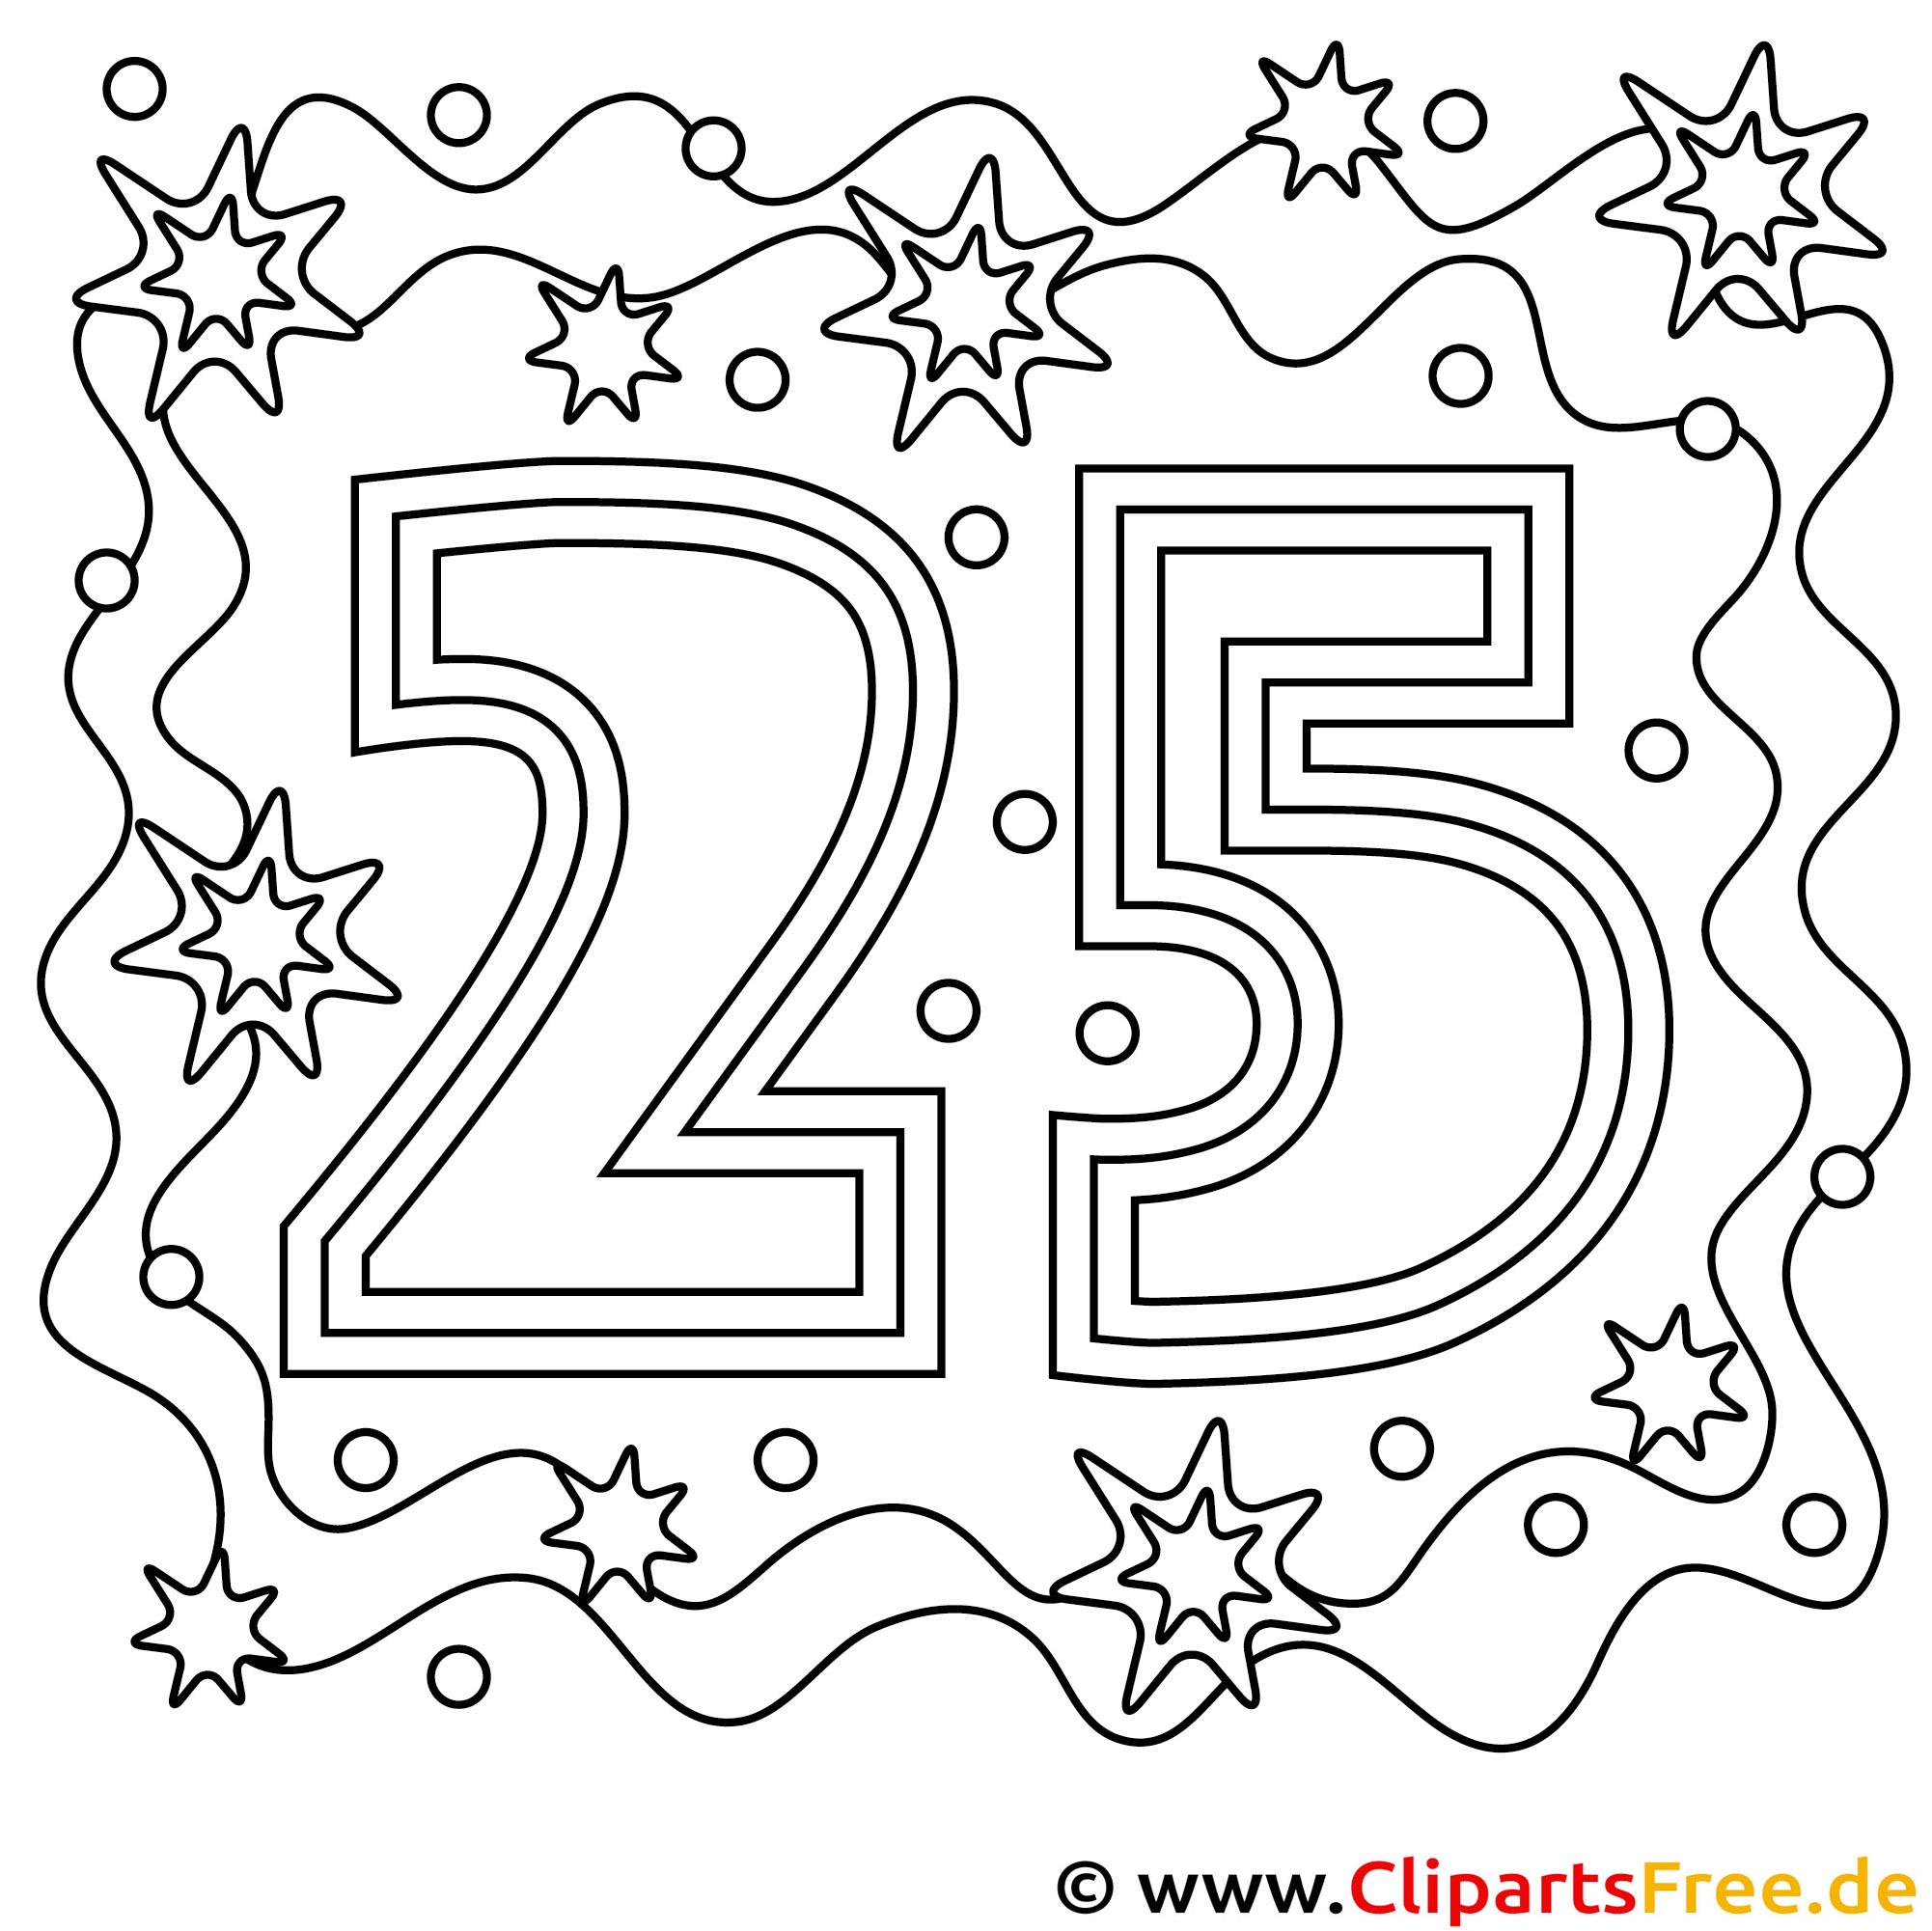 Bild zum Ausmalen zum 25 Geburtstag